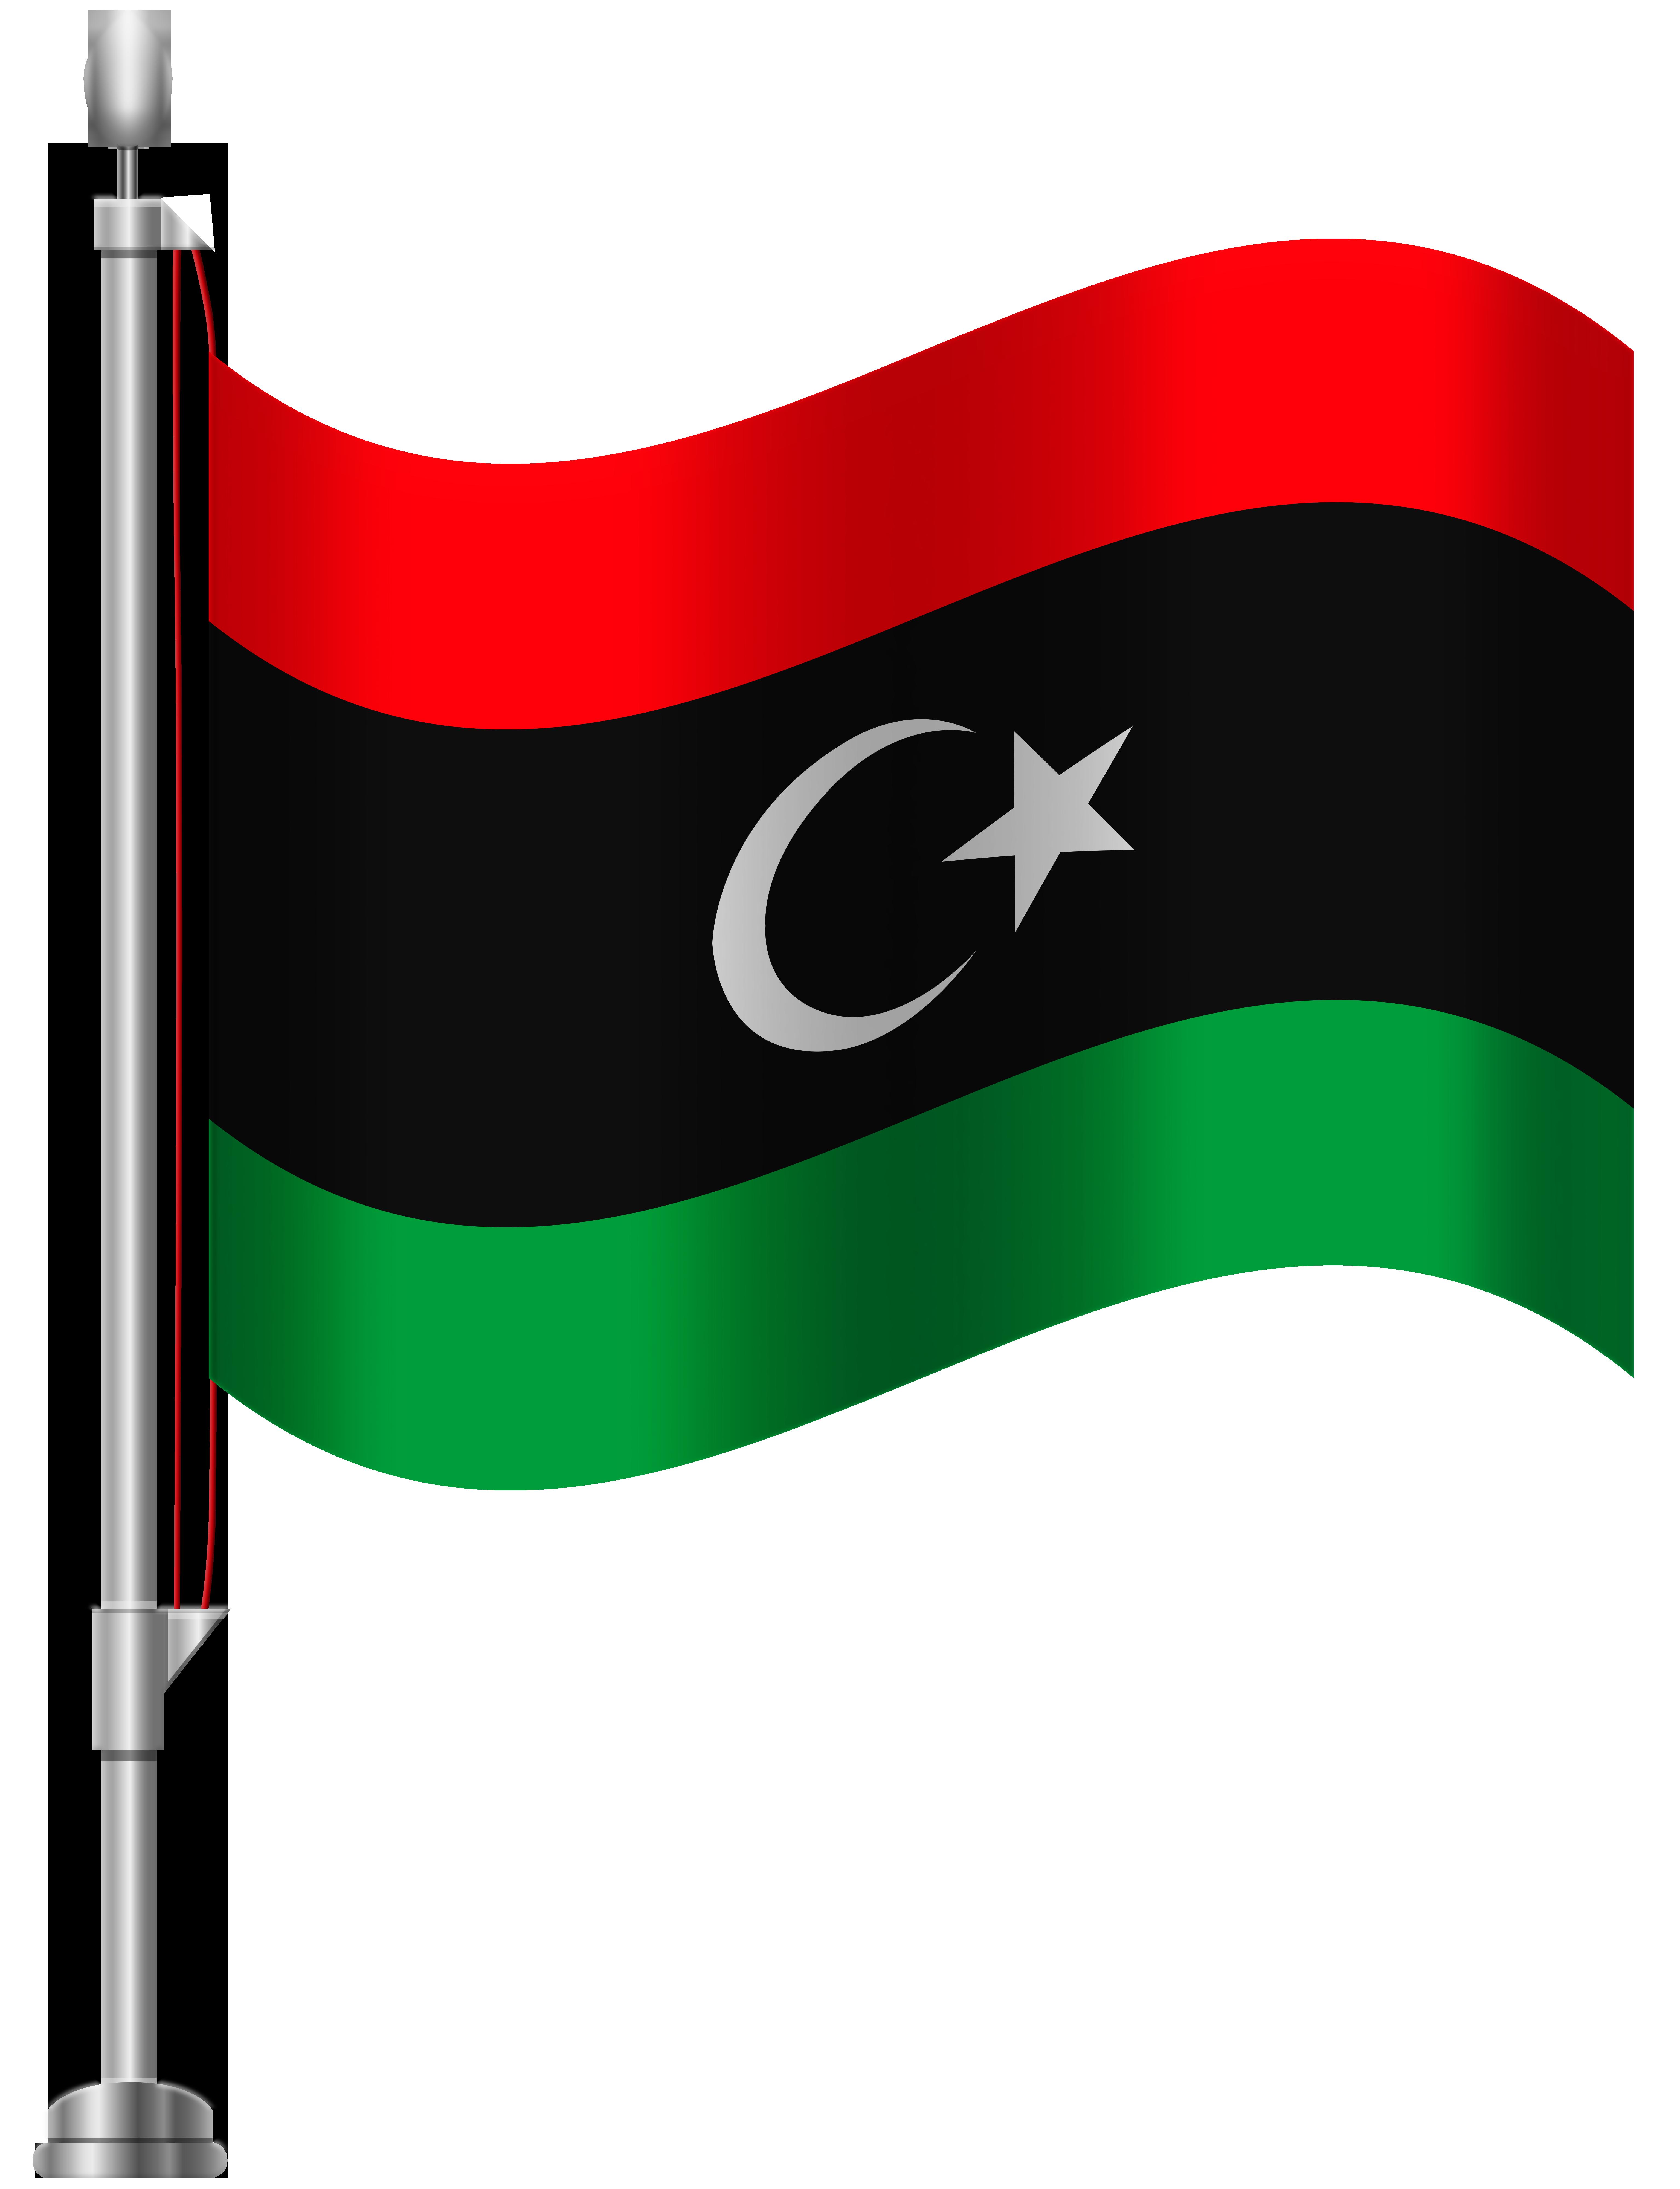 libya flag clipart #2